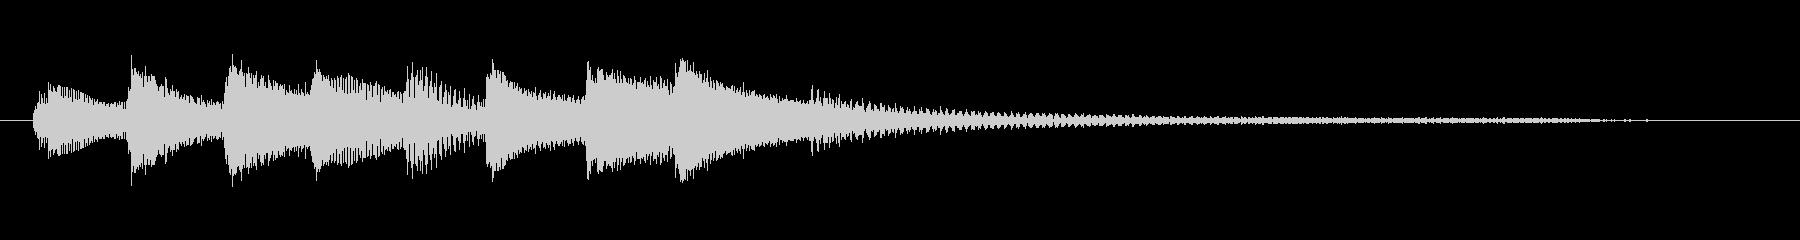 チャプター・場面転換等にピアノジングルHの未再生の波形